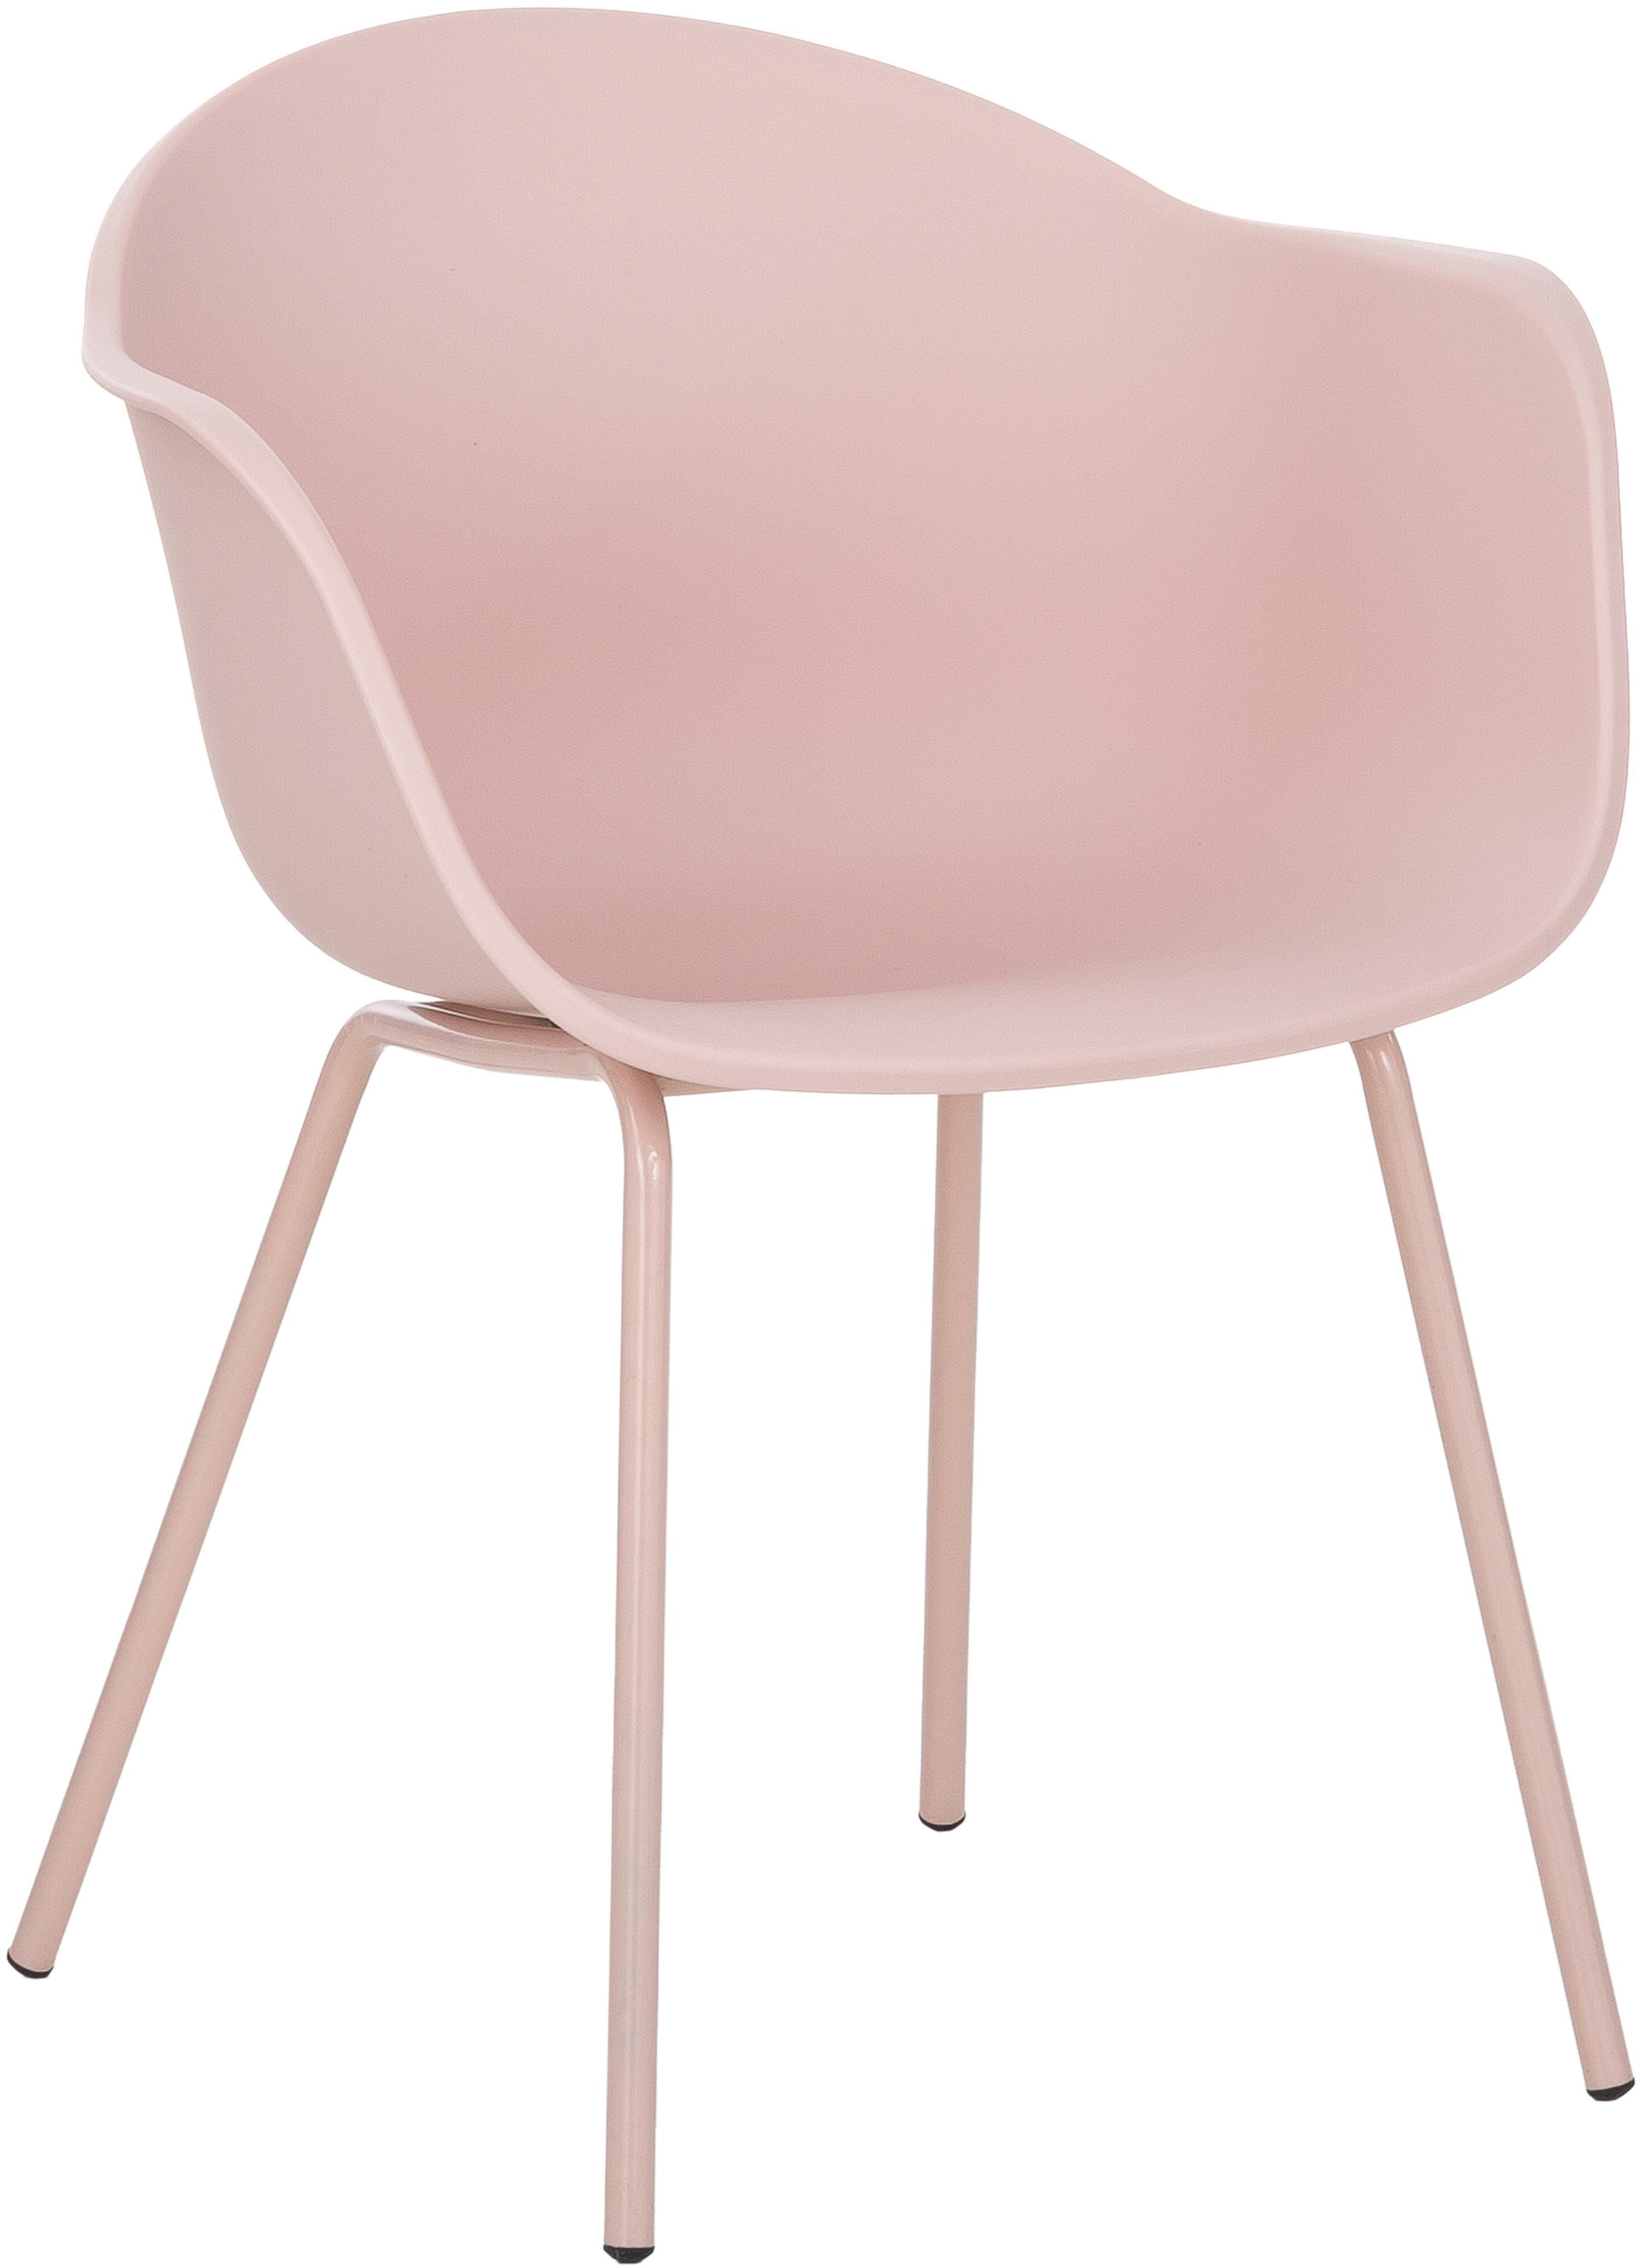 Sedia con braccioli in plastica con gambe in metallo Claire, Seduta: materiale sintetico, Gambe: metallo verniciato a polv, Rosa, Larg. 54 x Prof. 60 cm